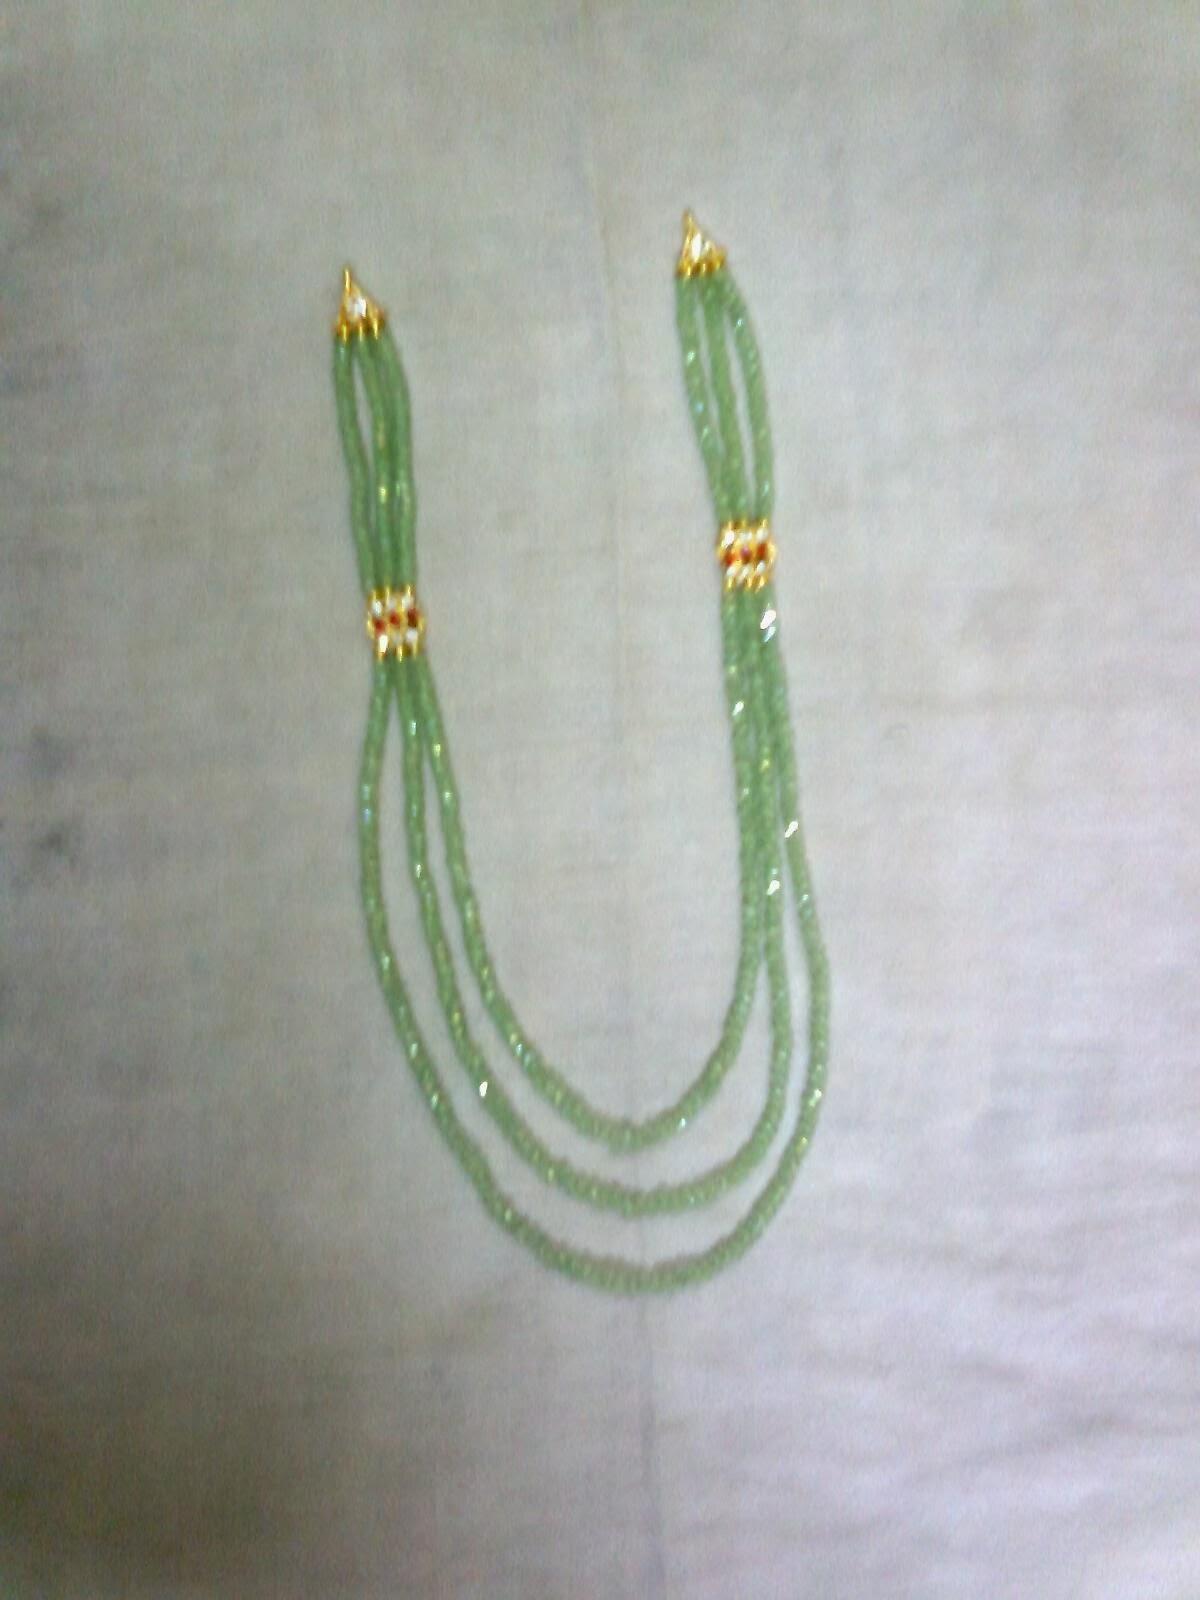 Ambha Collections: Jewellery Making